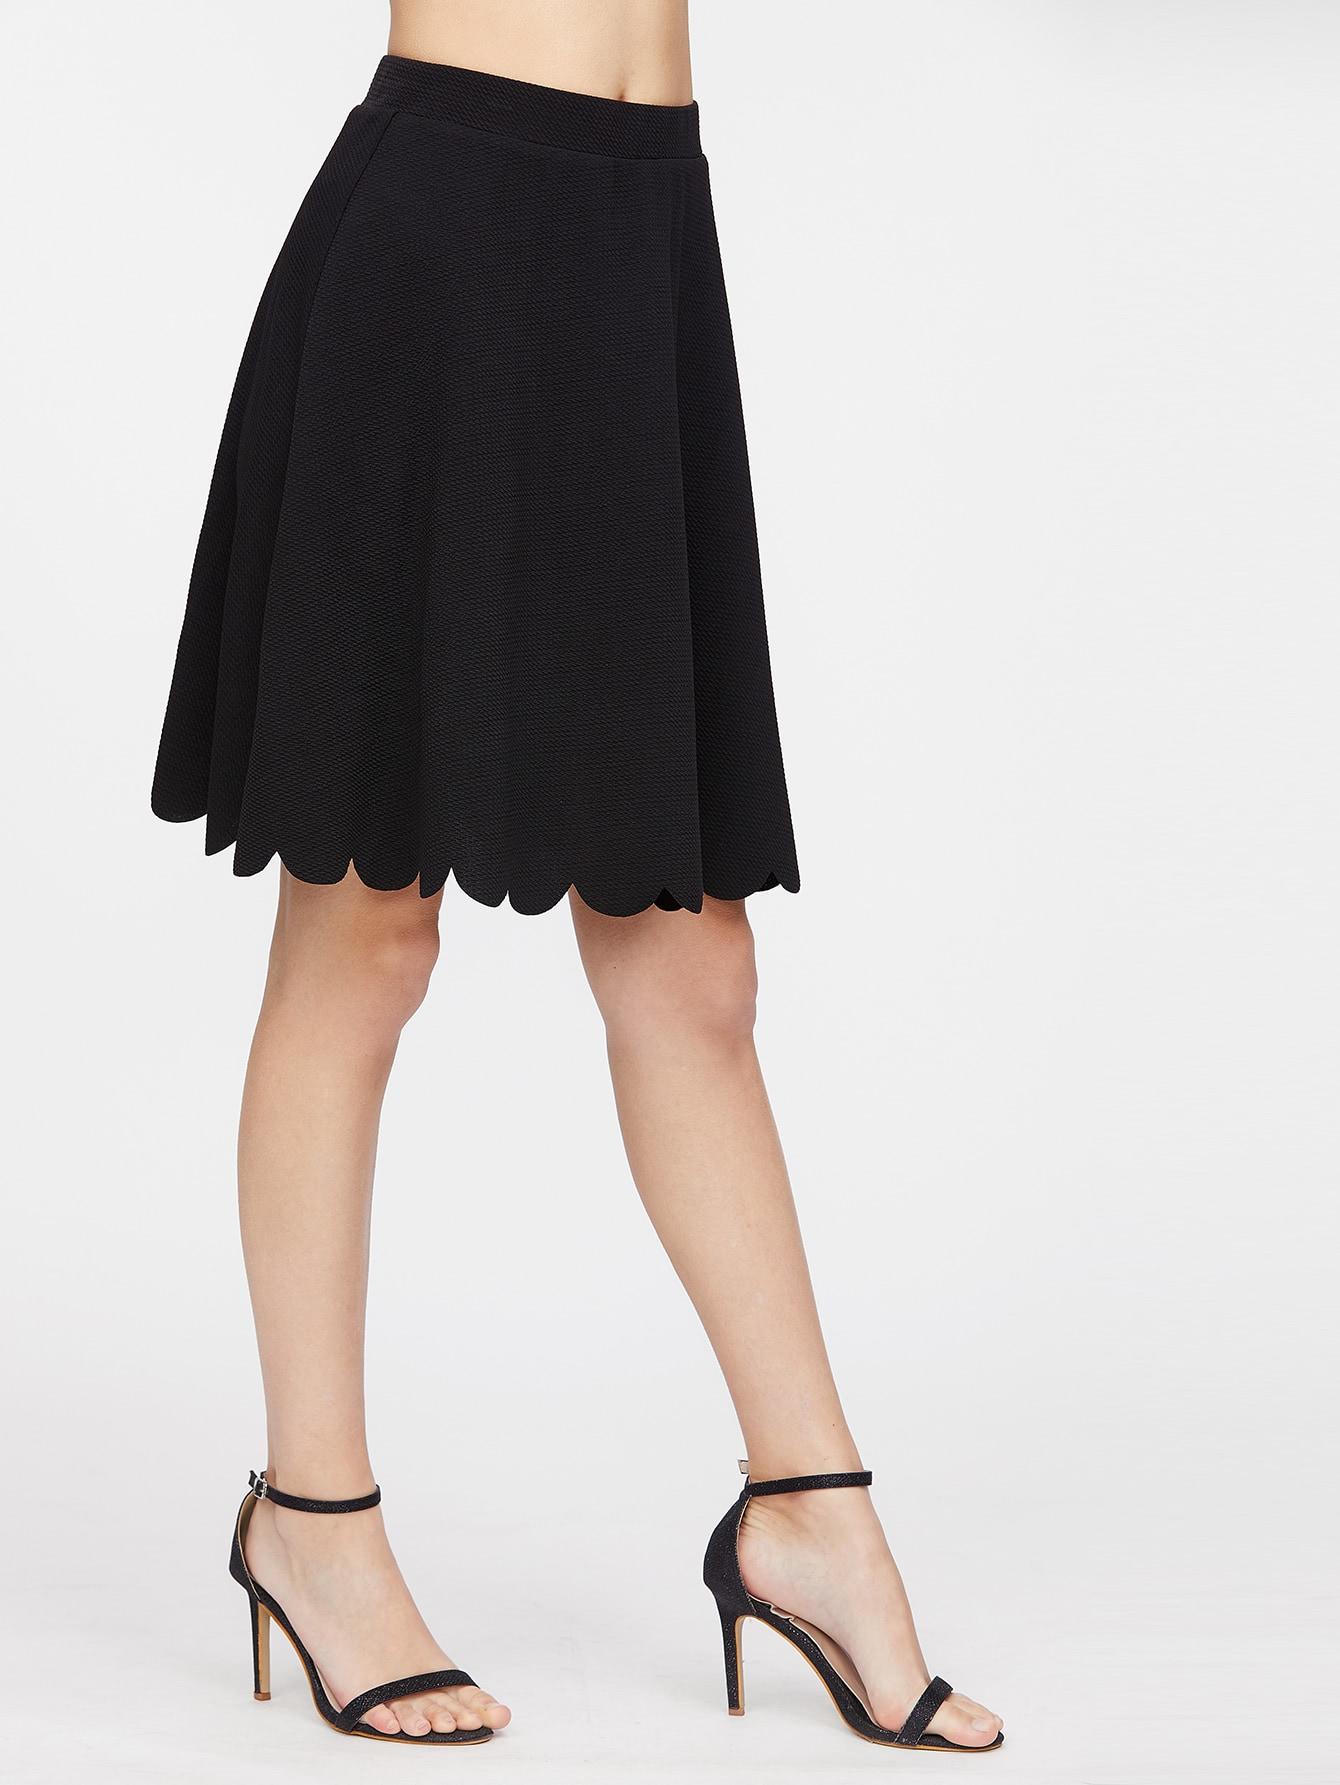 Elastic Waist Scallop Hem Textured Skirt